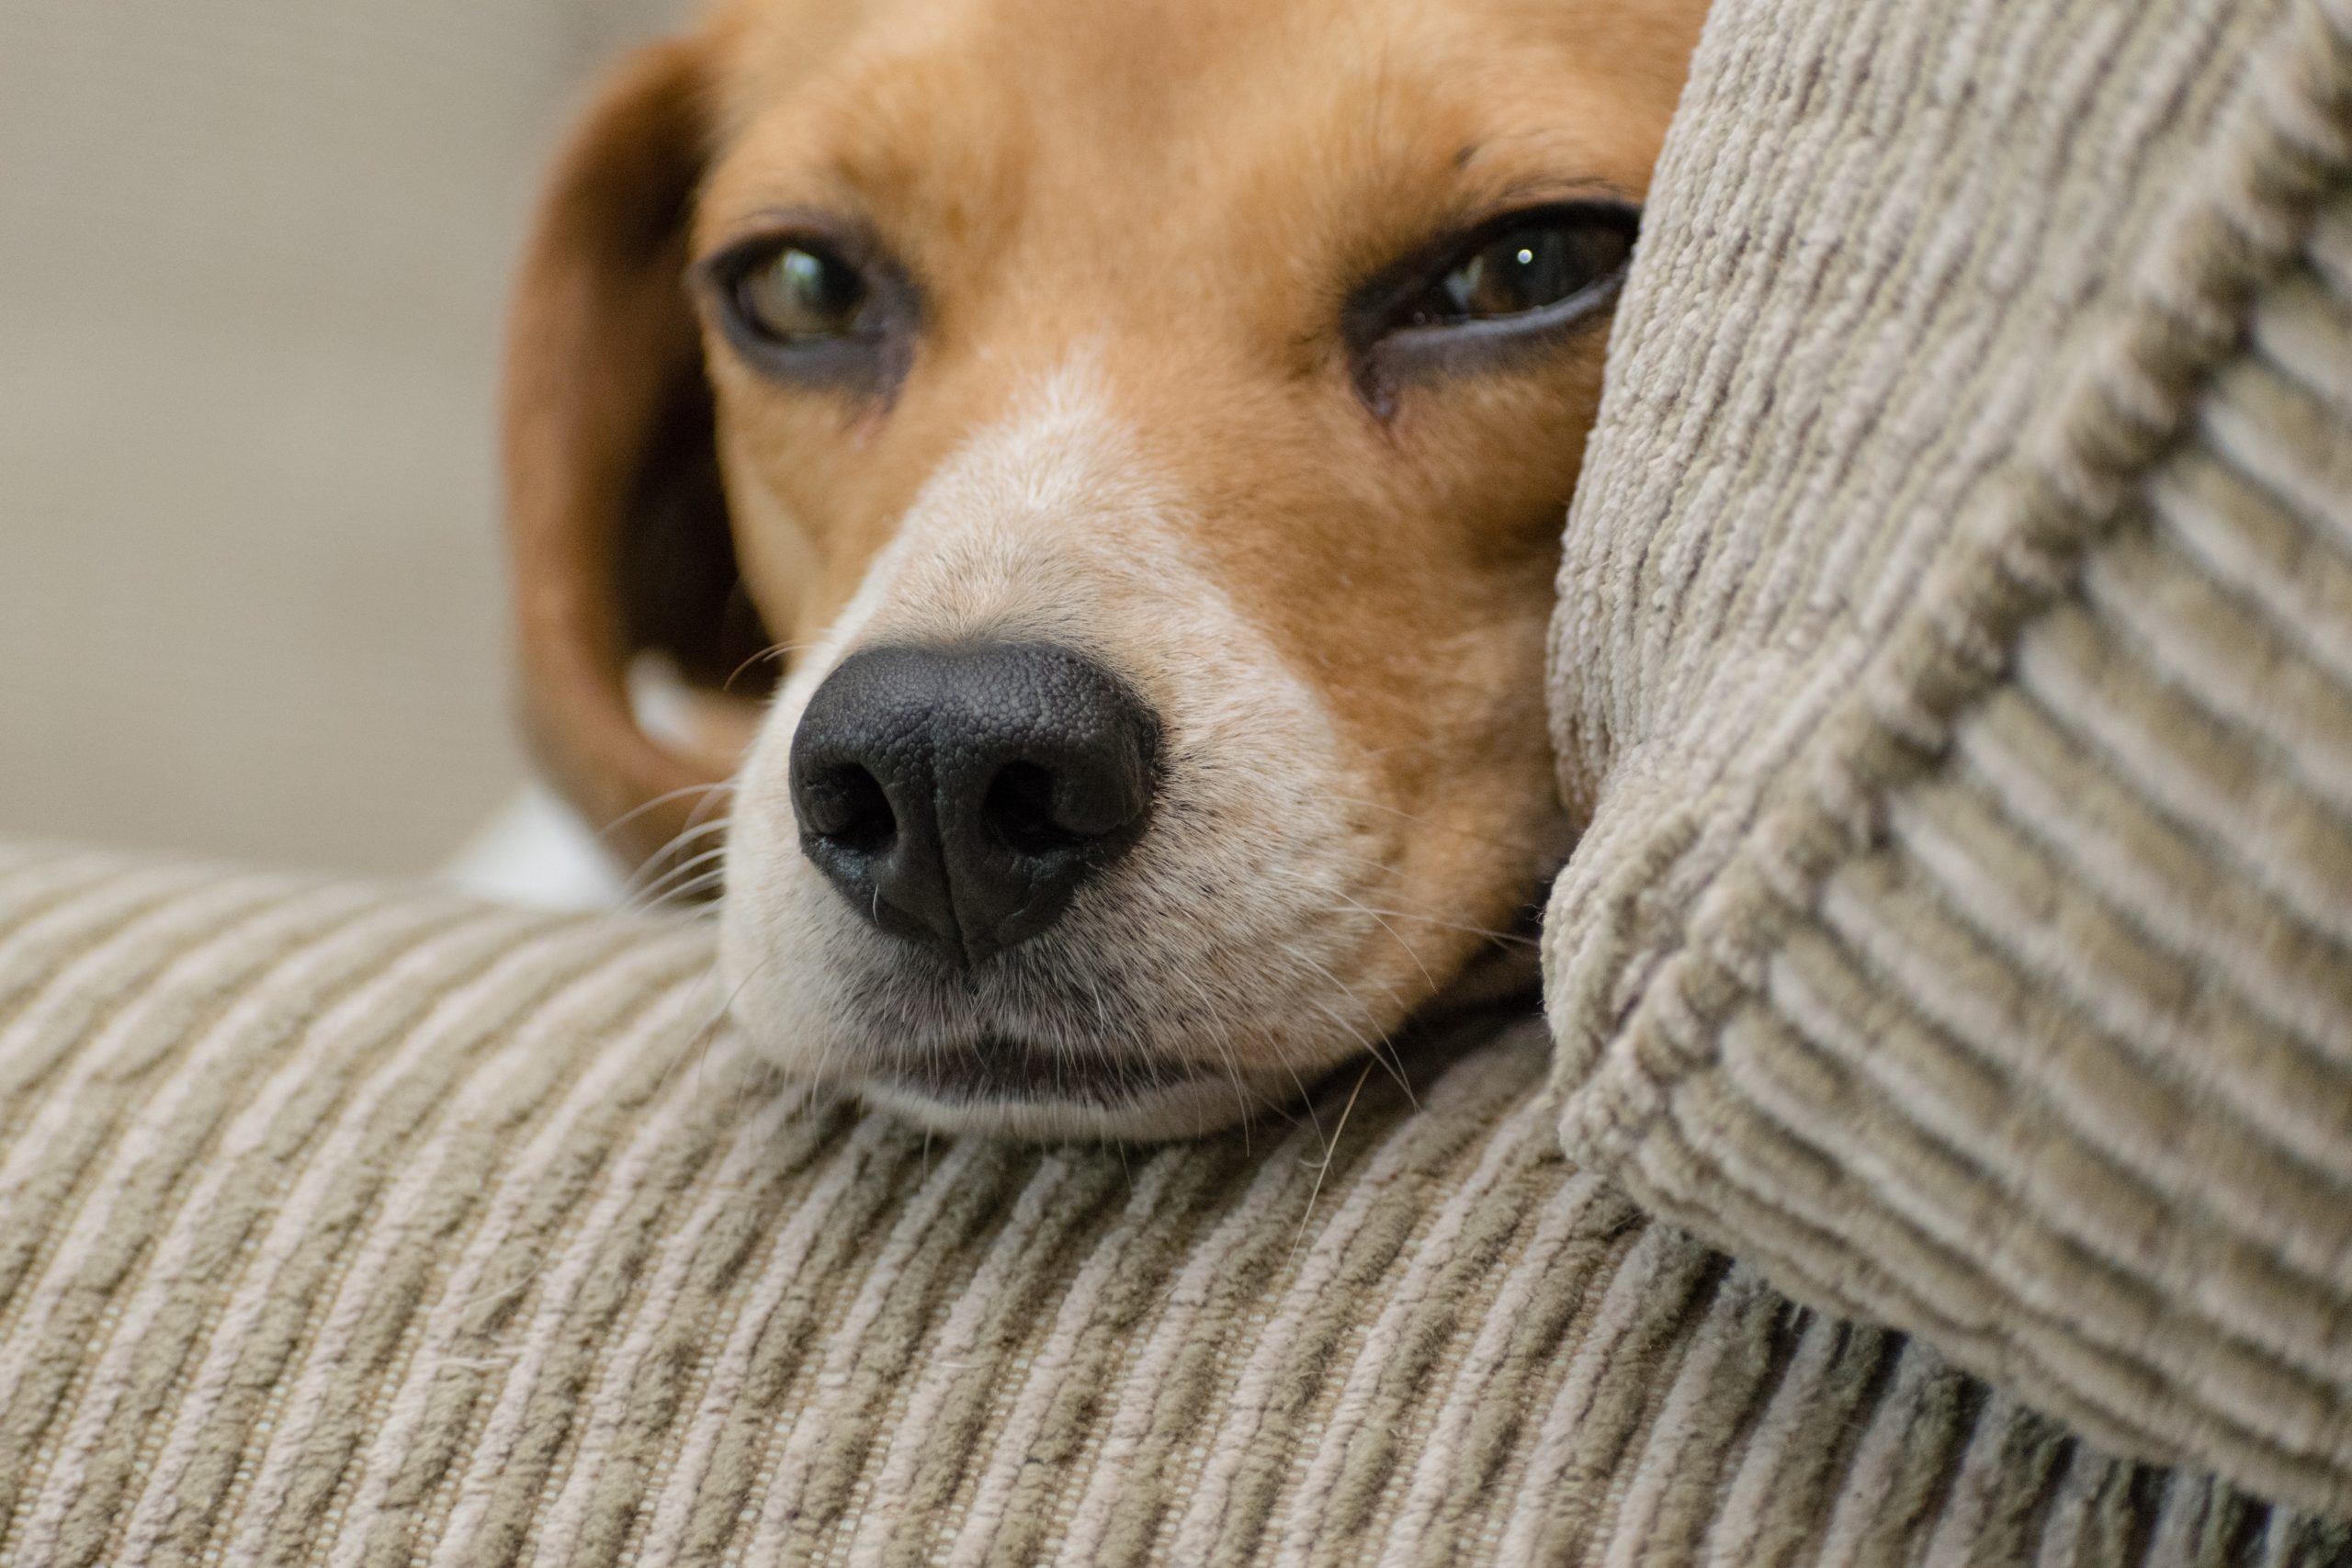 Pets estão ligados diretamente a maior bem-estar para a terceira idade